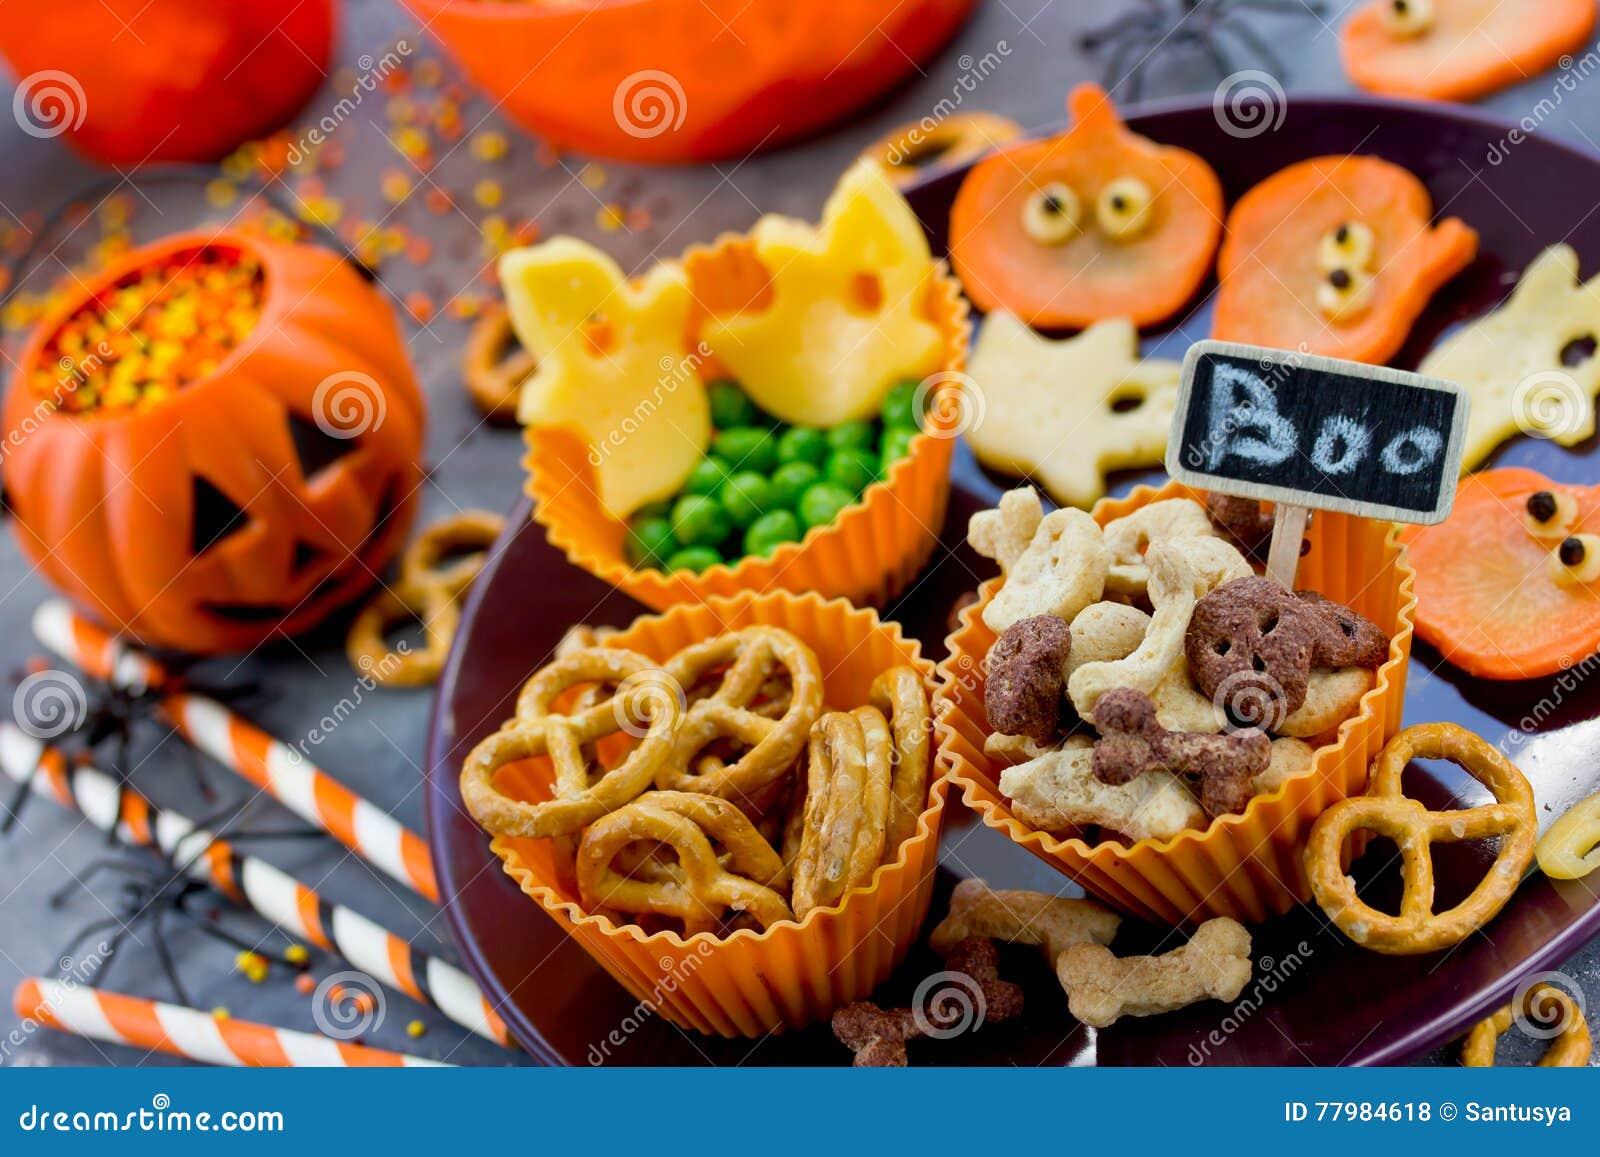 Halloween Traktaties.Diverse Traktaties Op Halloween Partij Grappige En Gezonde